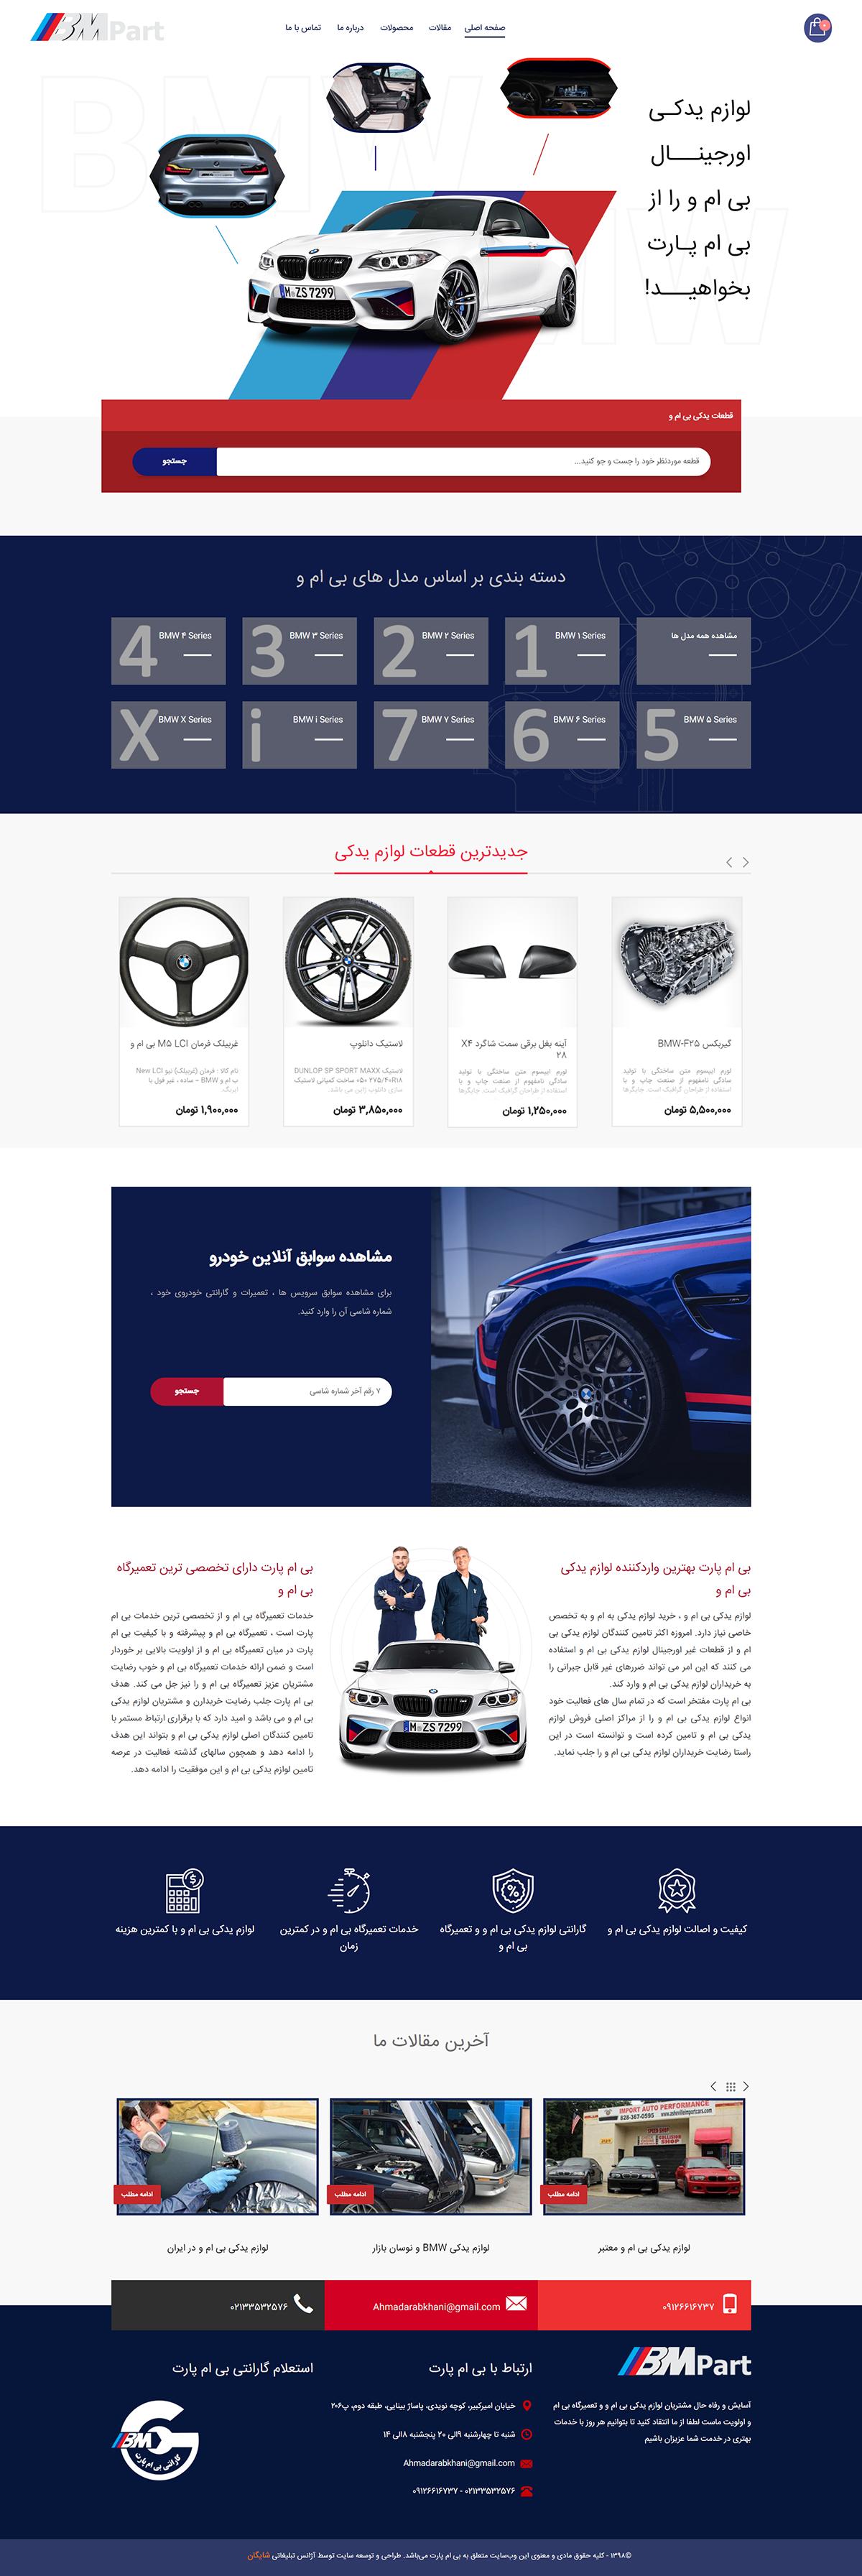 طراحی سایت لوازم یدکی خودرو